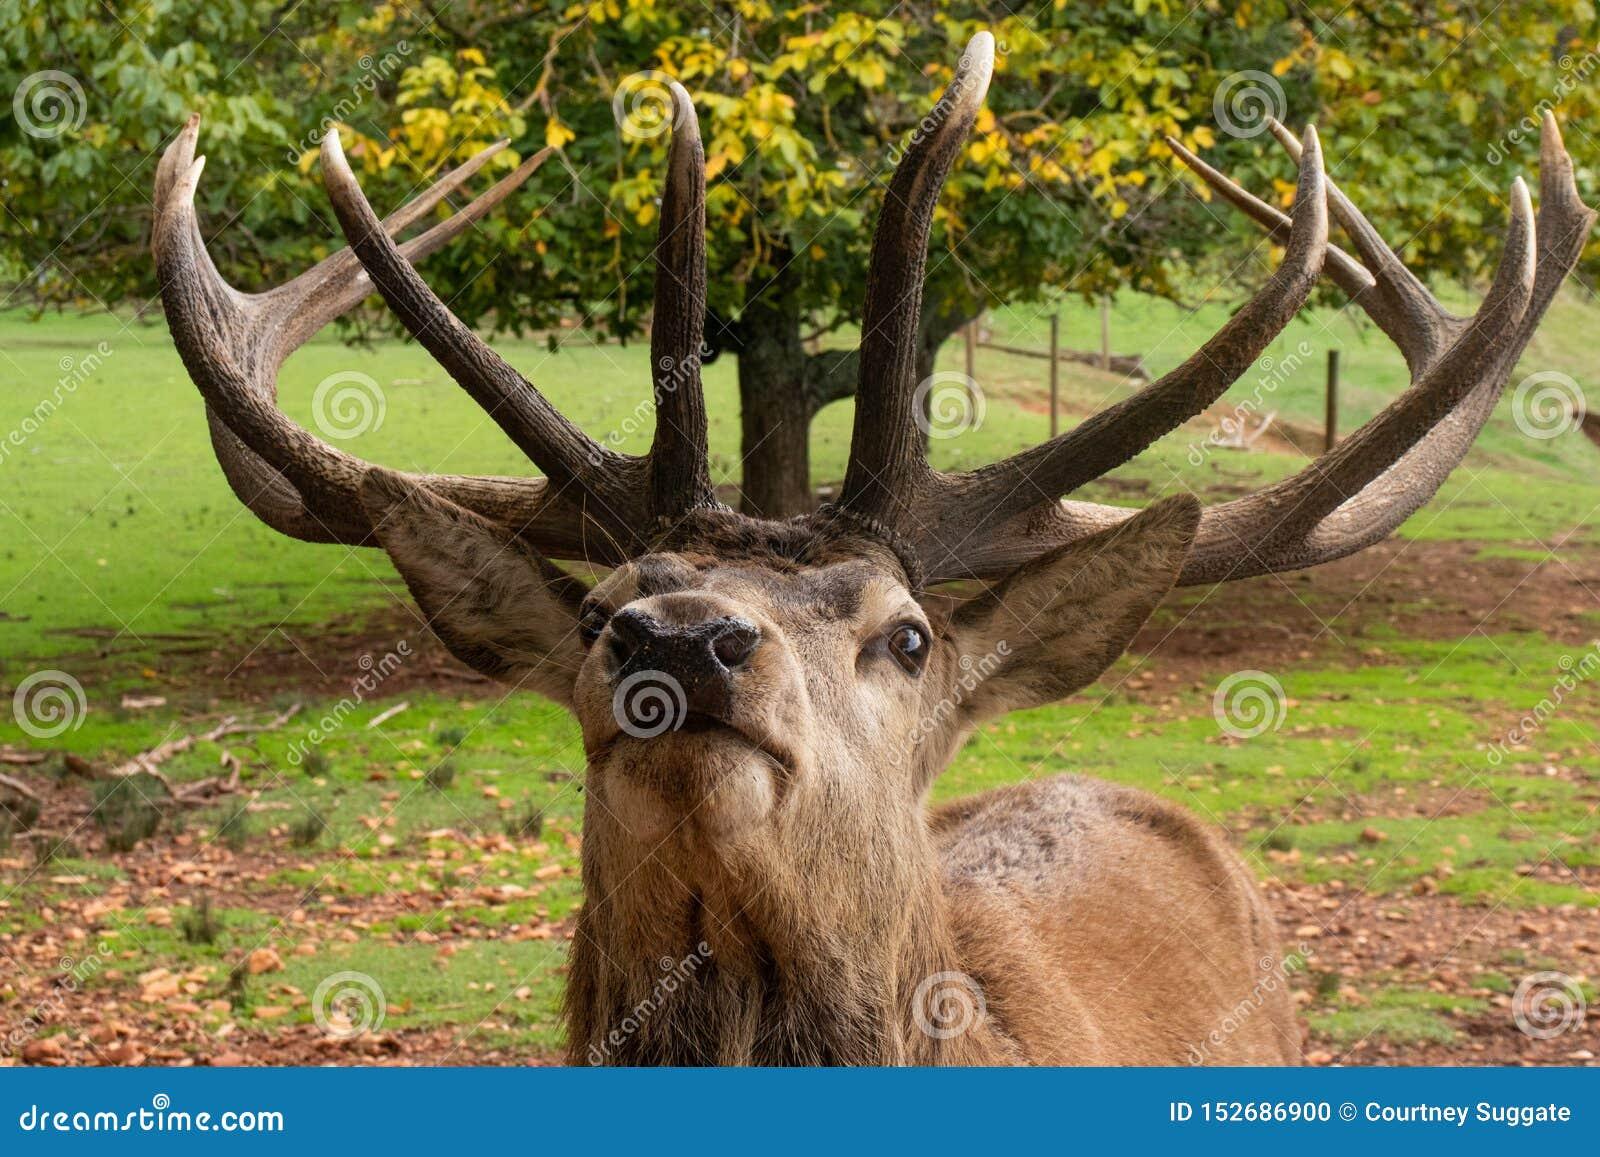 Profil avant de mâle montrant de grands klaxons